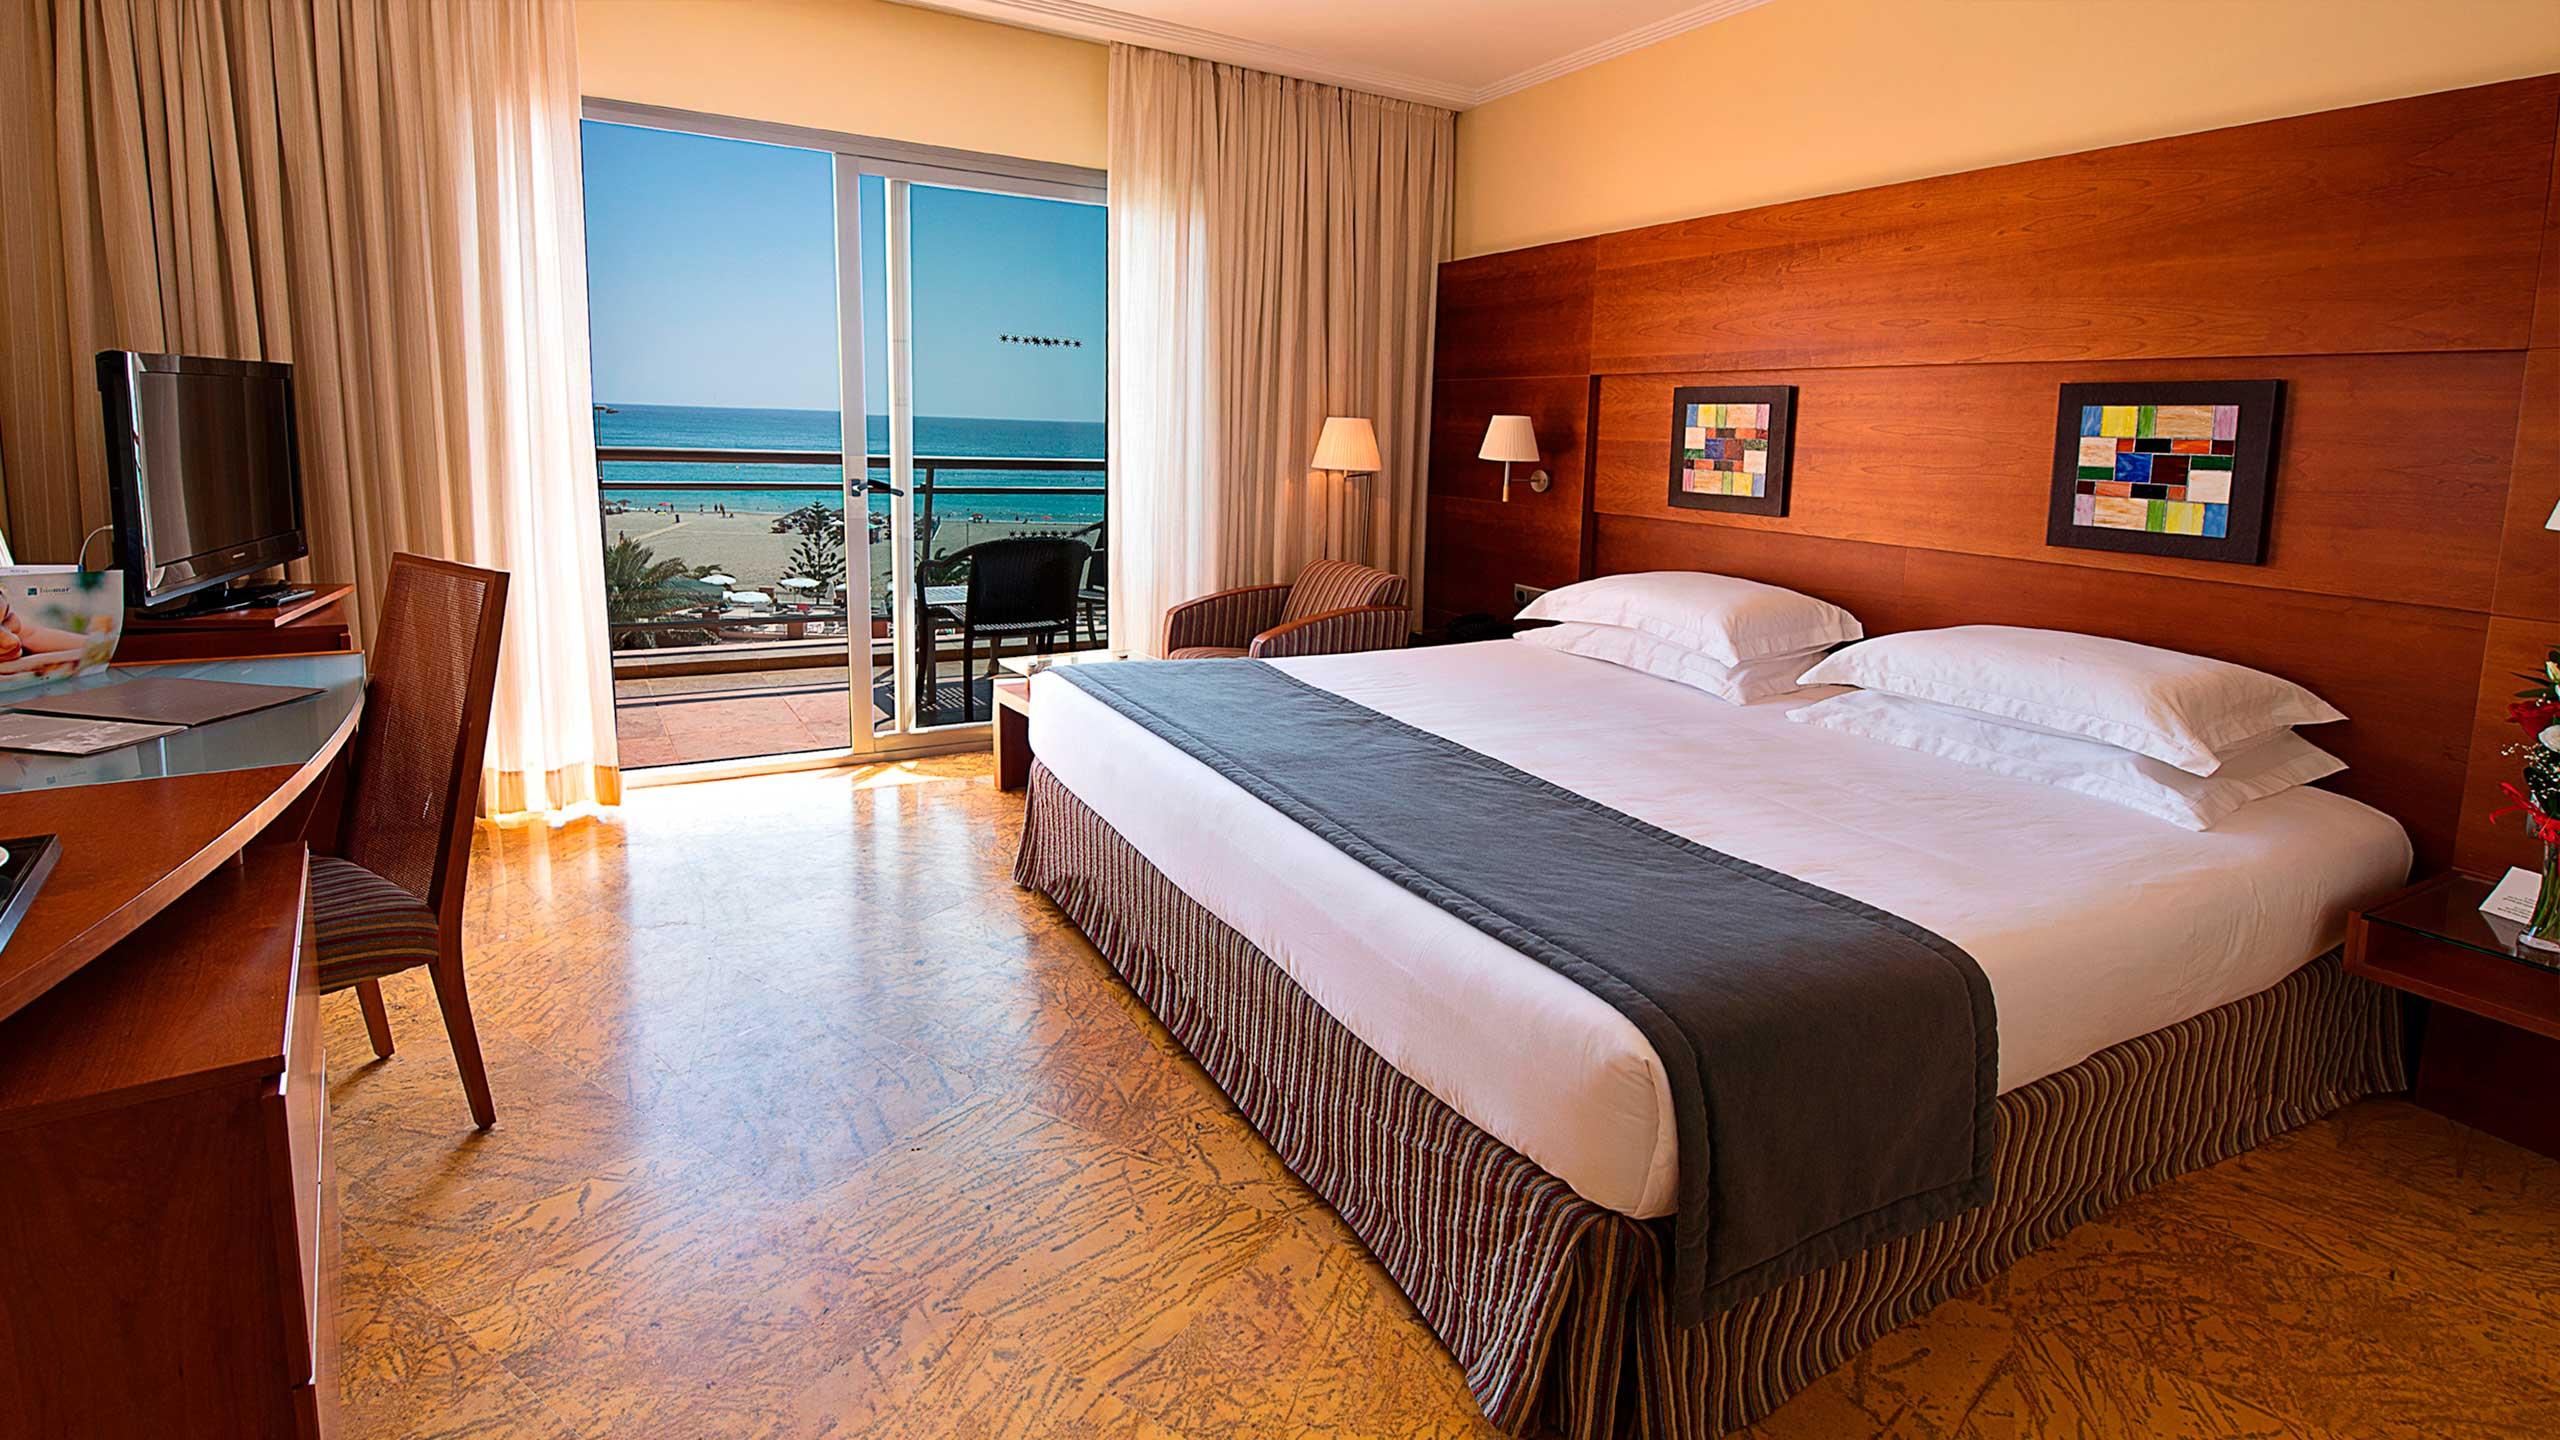 Protur roquetas hotel spa en roquetas de mar almer a for Hotel salon